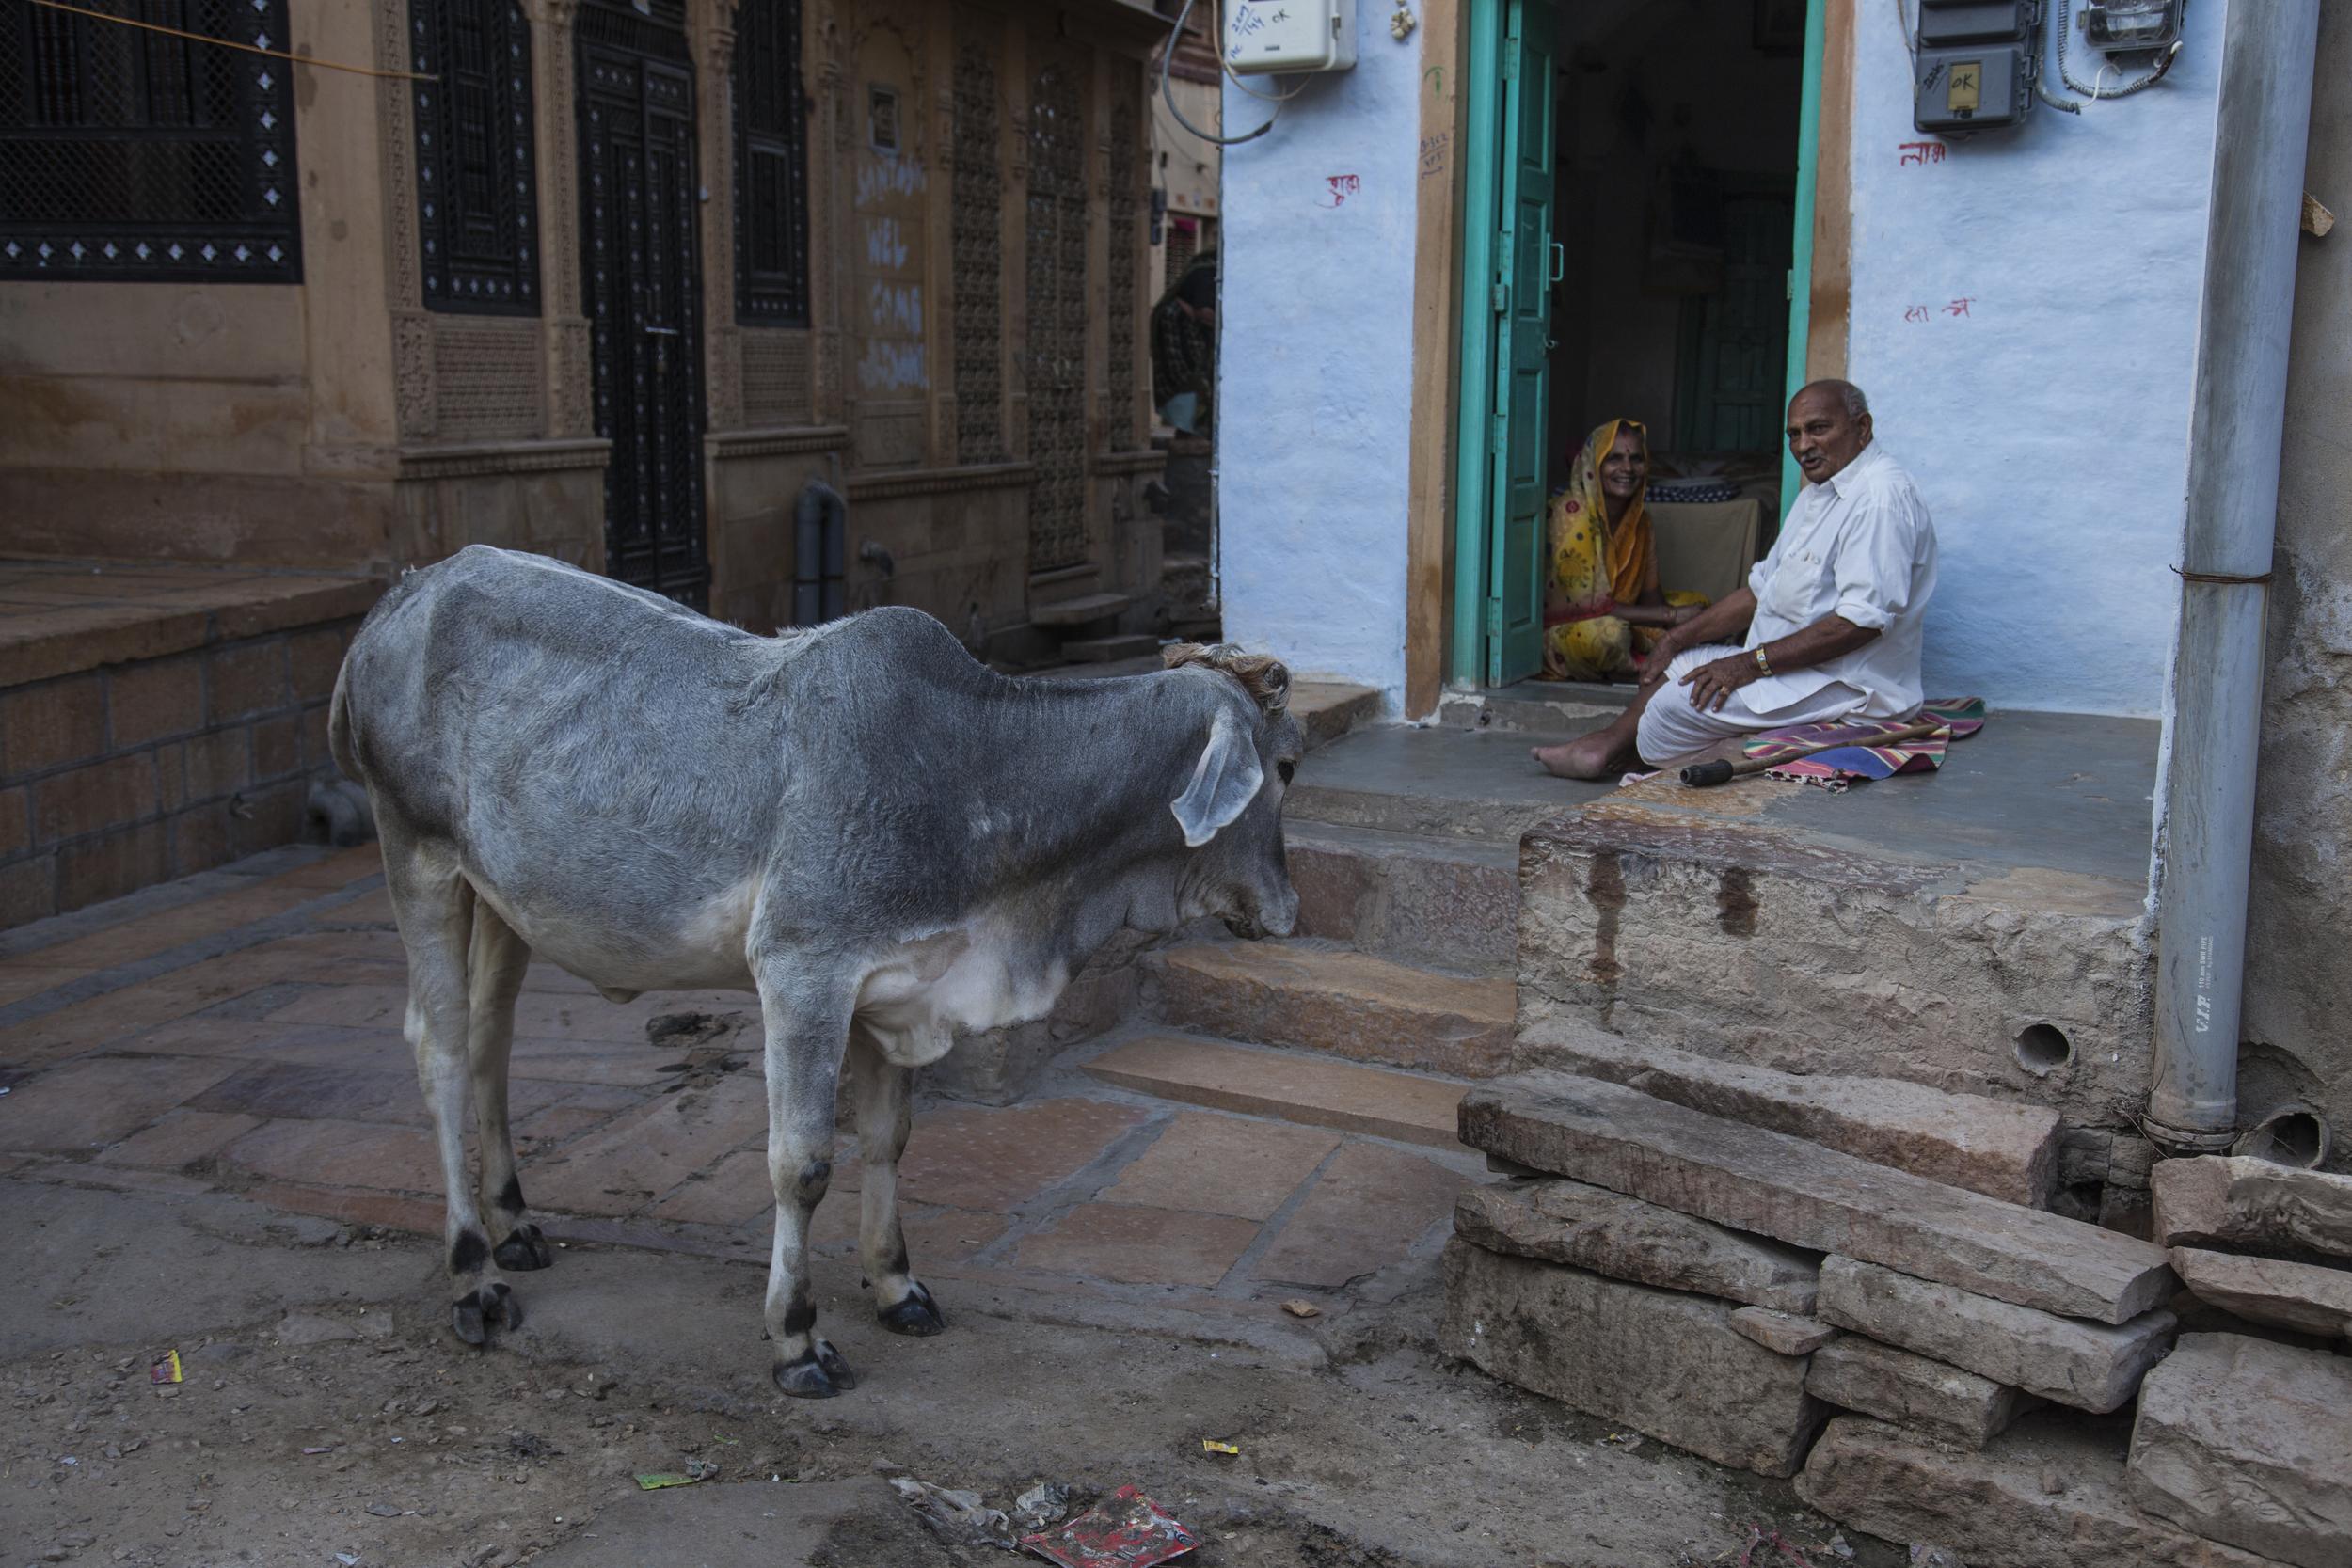 Street scene, Jaisalmer